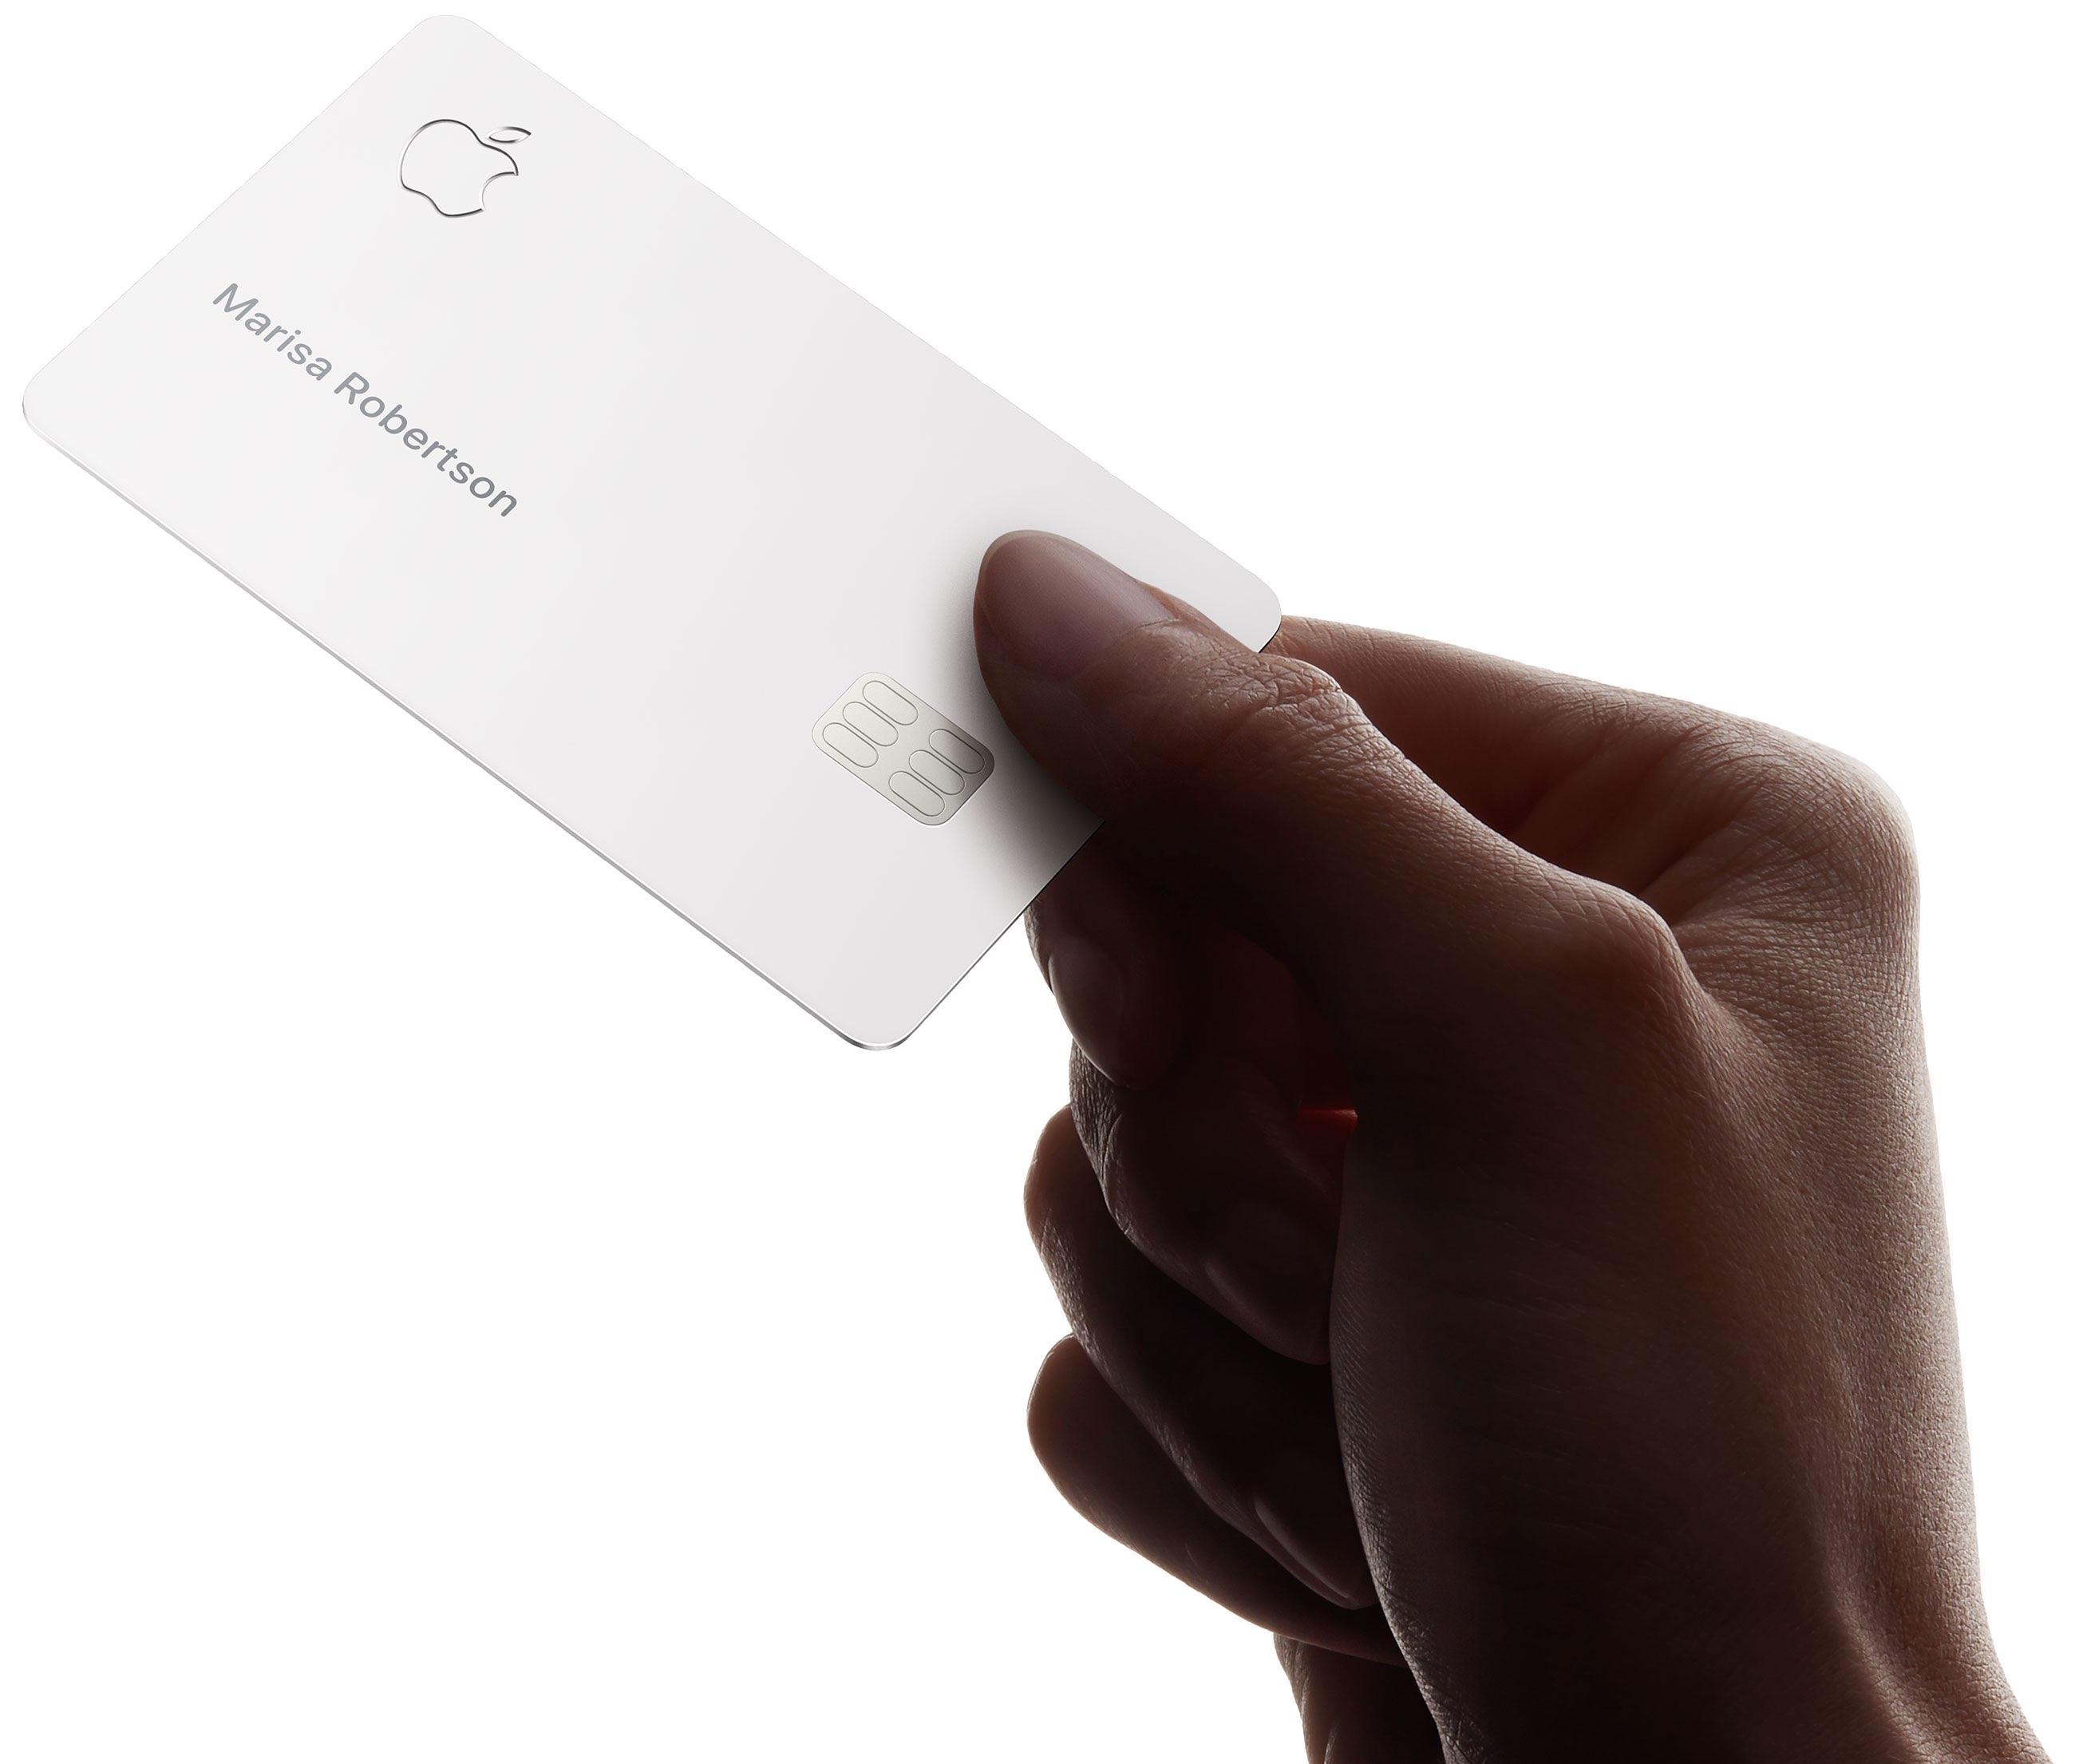 طلب جديد Apple رقم البطاقة